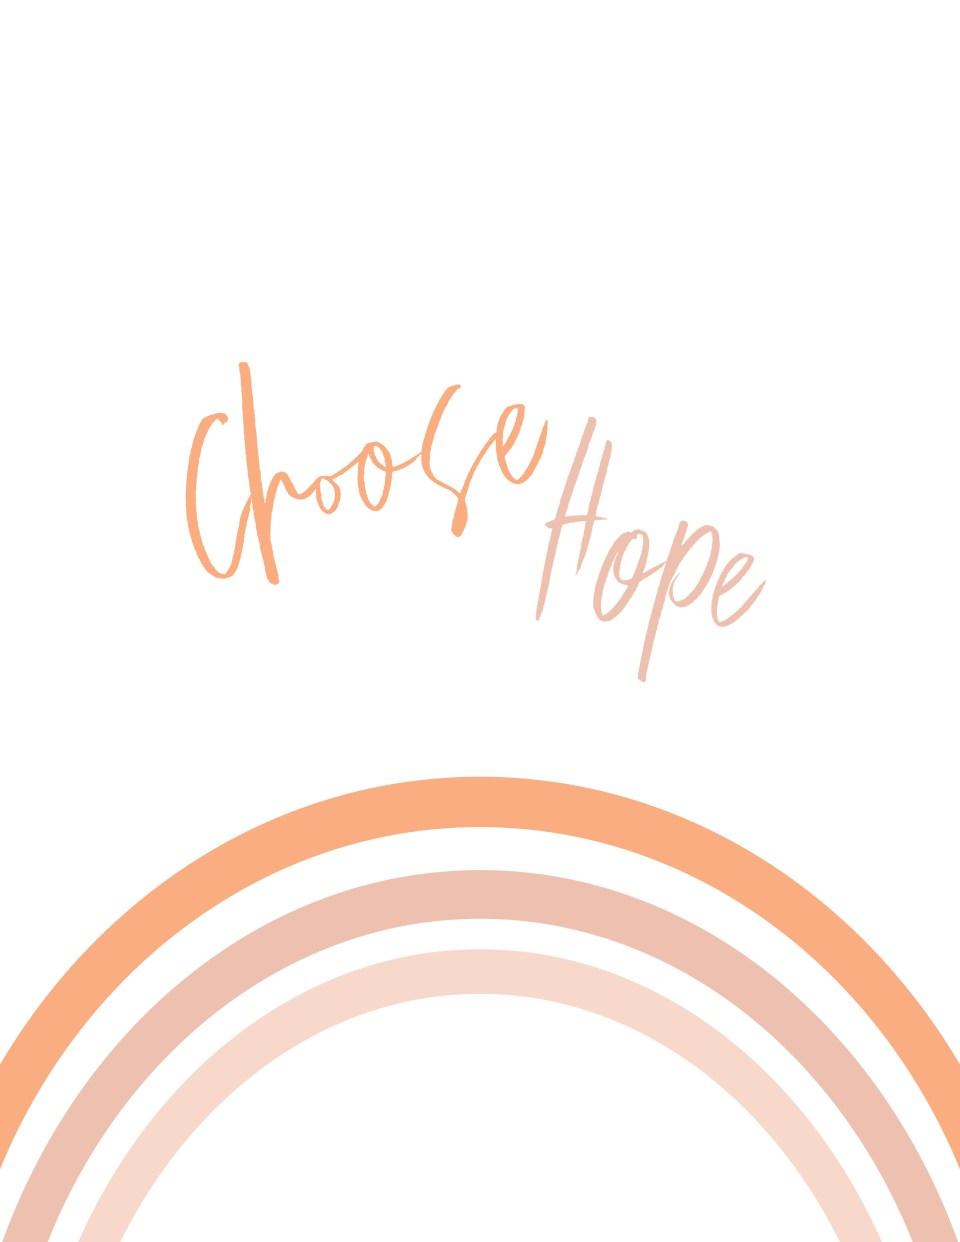 choose hope rainbow printable